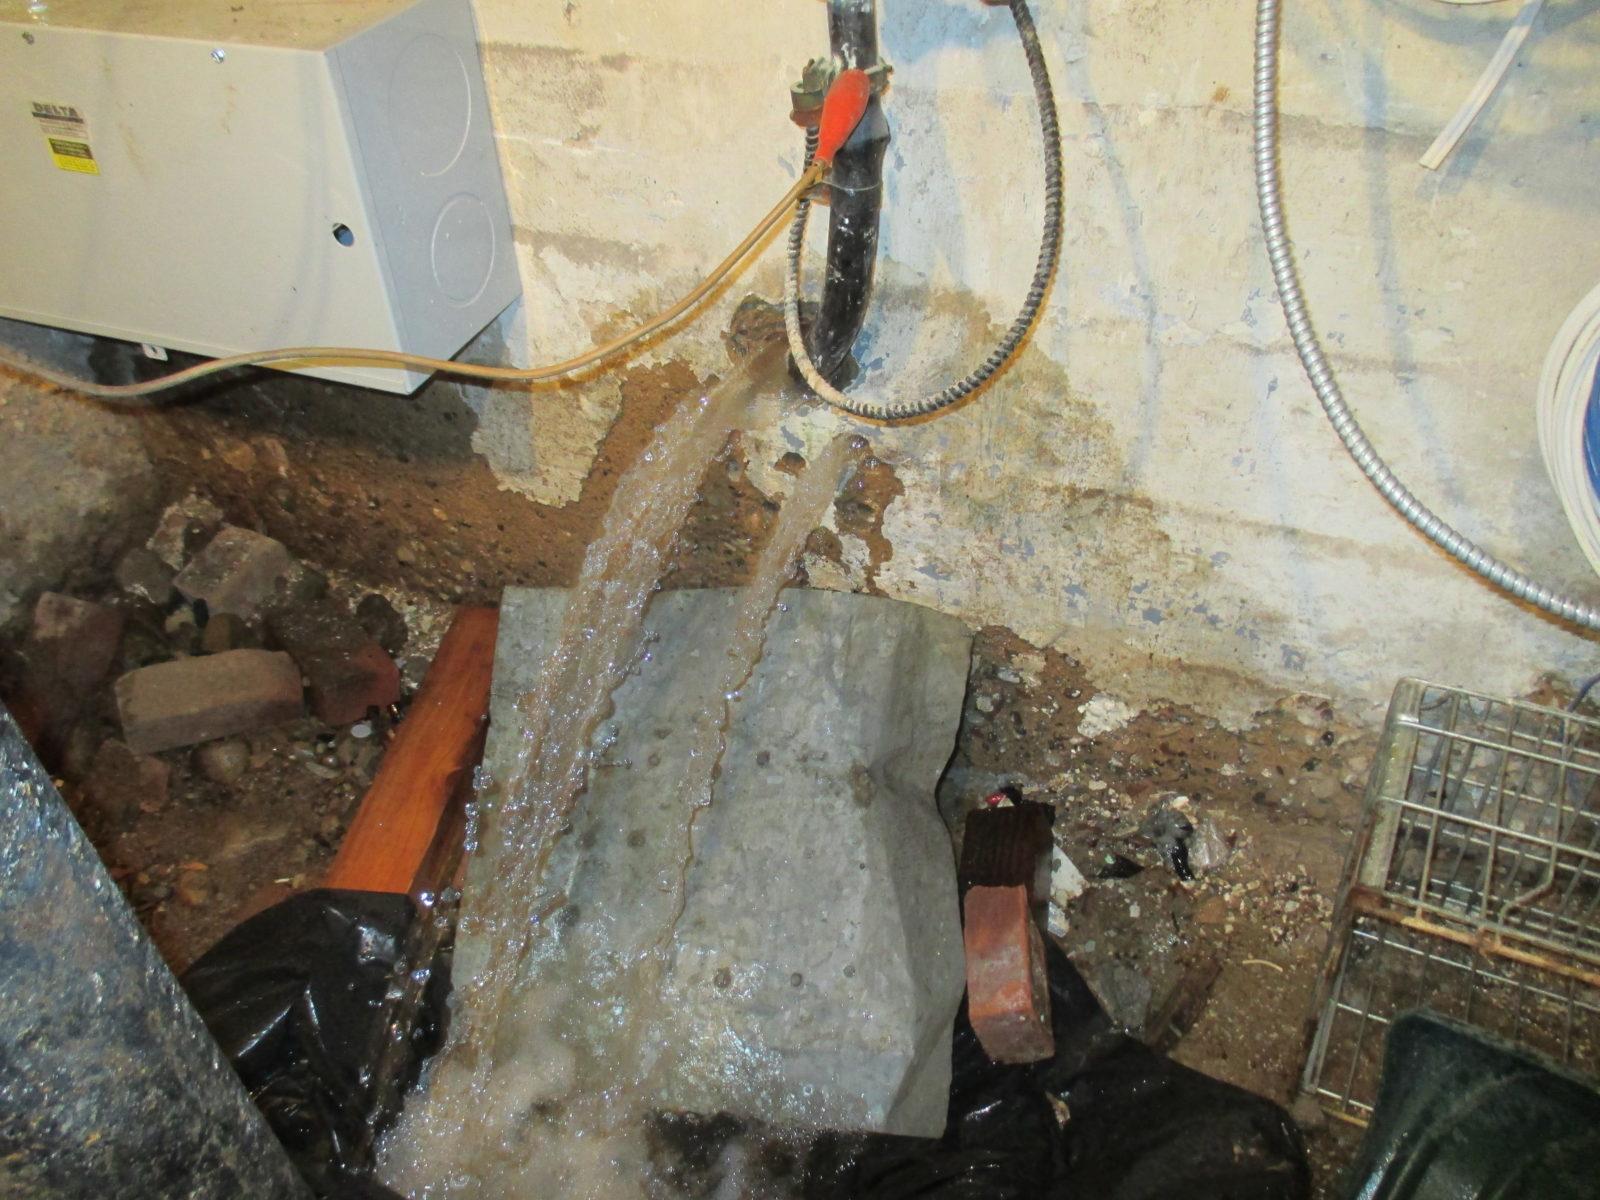 Water Main Leaks Under Sidewalk And